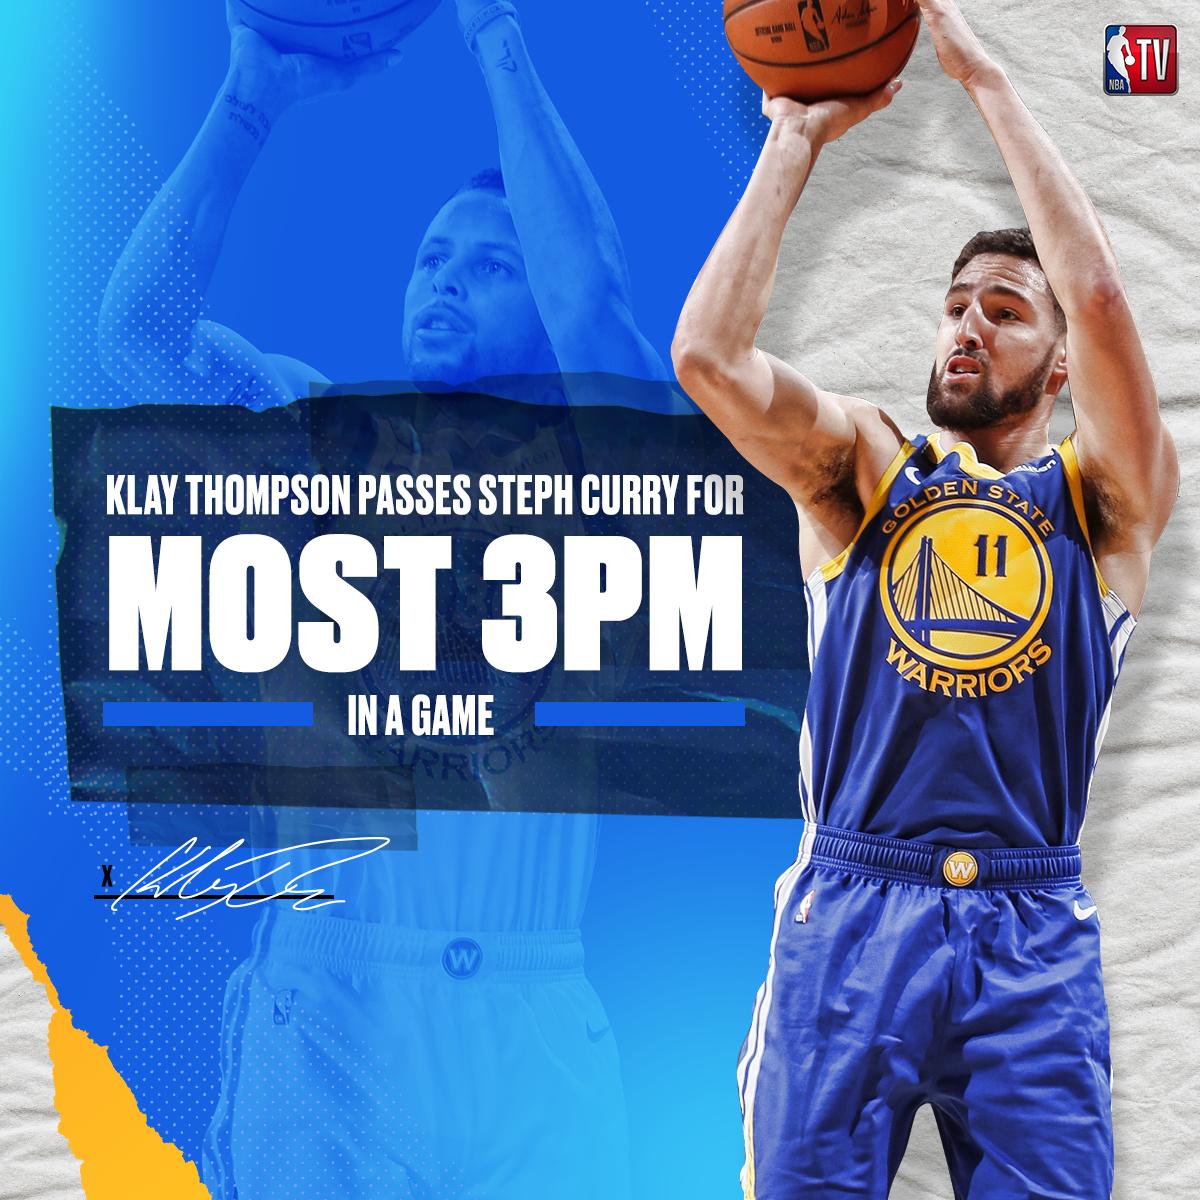 克莱-汤普森命中14记三分球打破NBA历史纪录